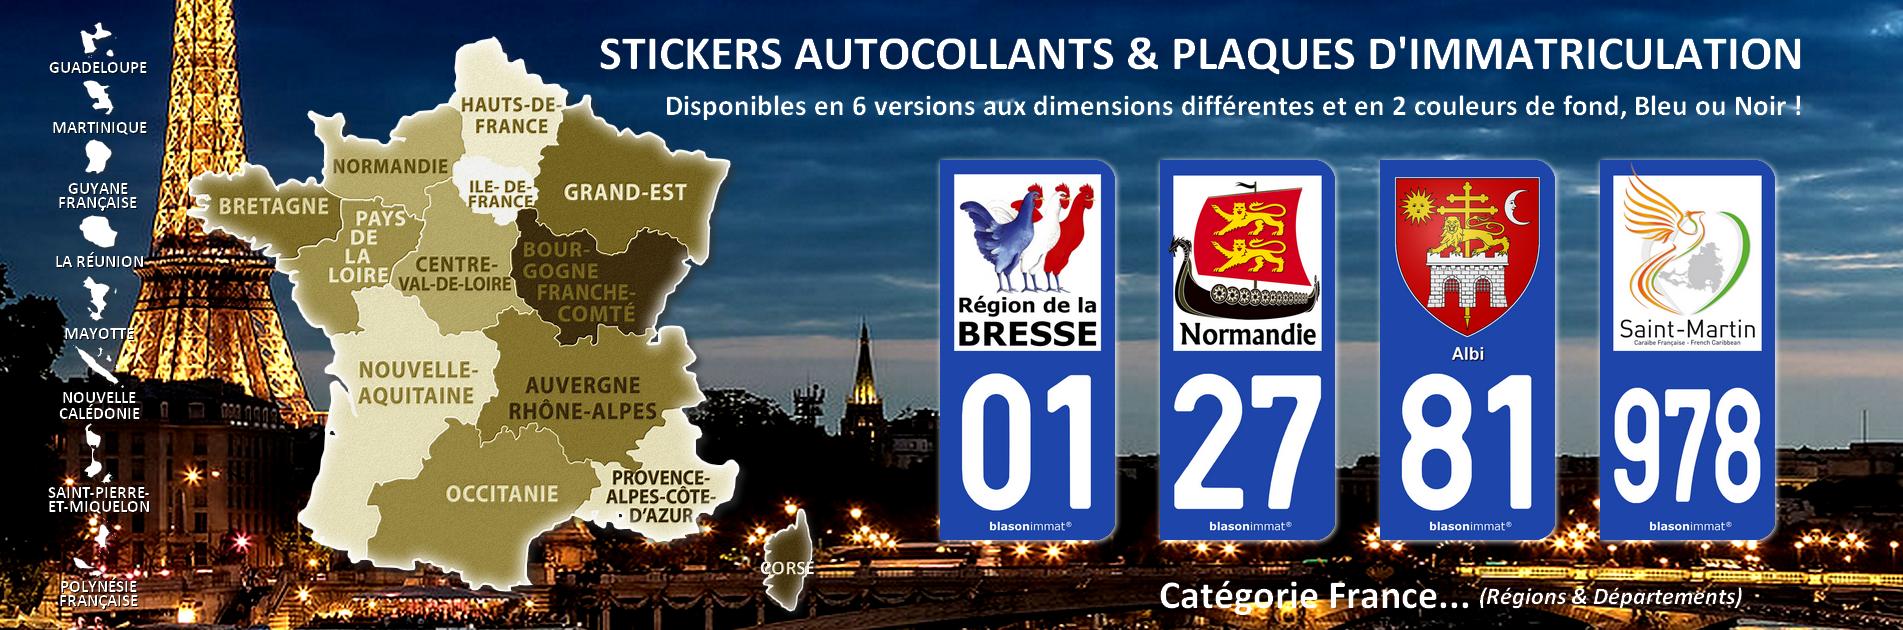 Autocollant et plaque d'immatriculation - Catégorie Régions et Départements de France